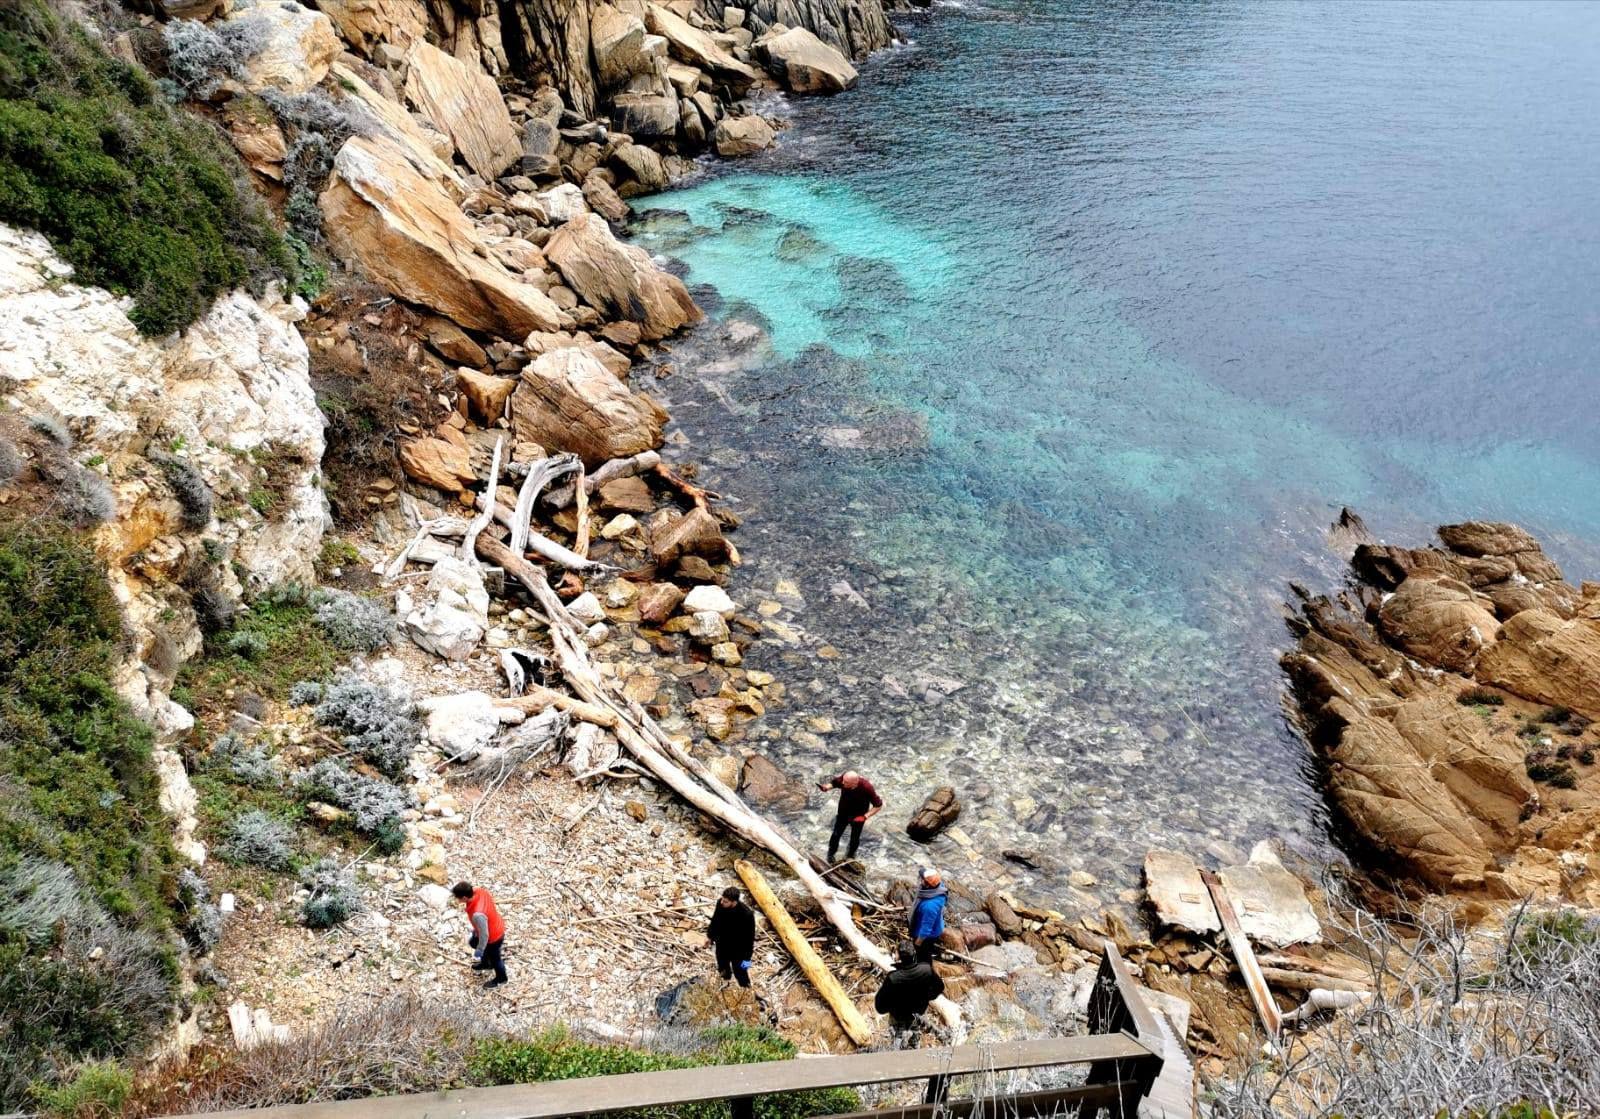 Ramassage des déchets sauvages - Provence Propre avec Explore & Preserve